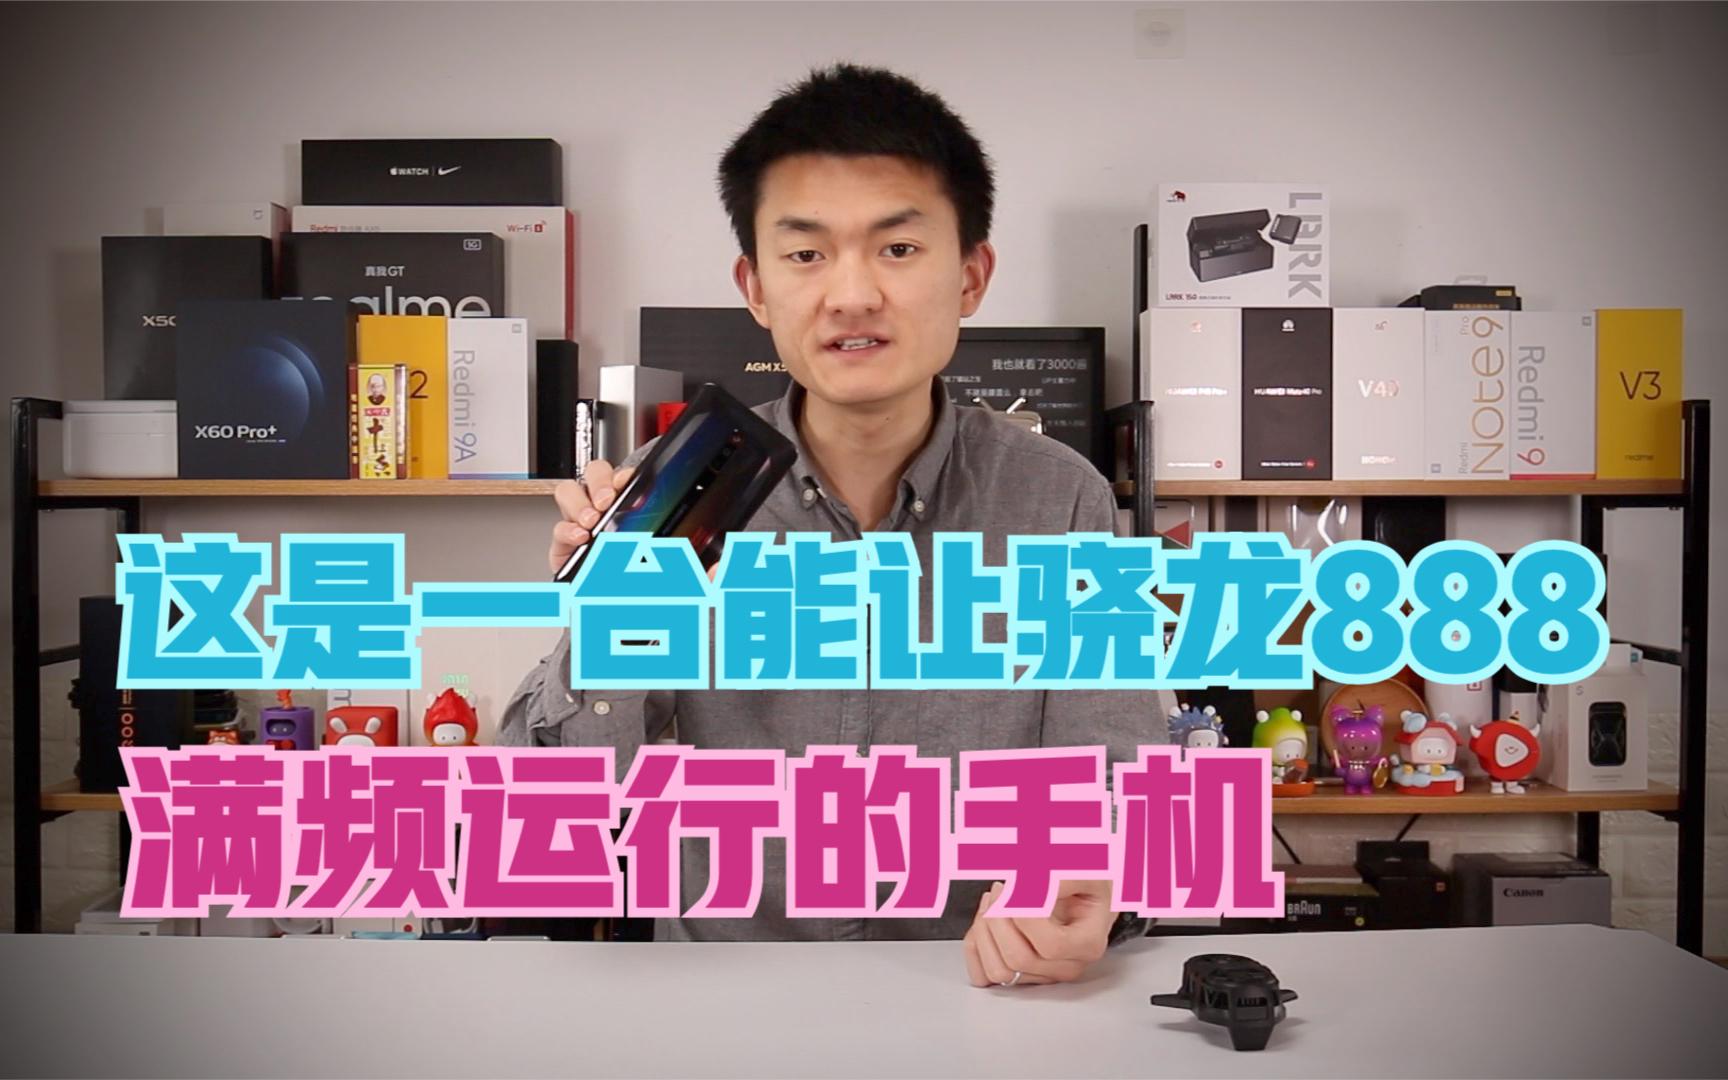 X1超大核天生满频率!骁龙888真正实力 红魔6游戏手机评测【新评科技】